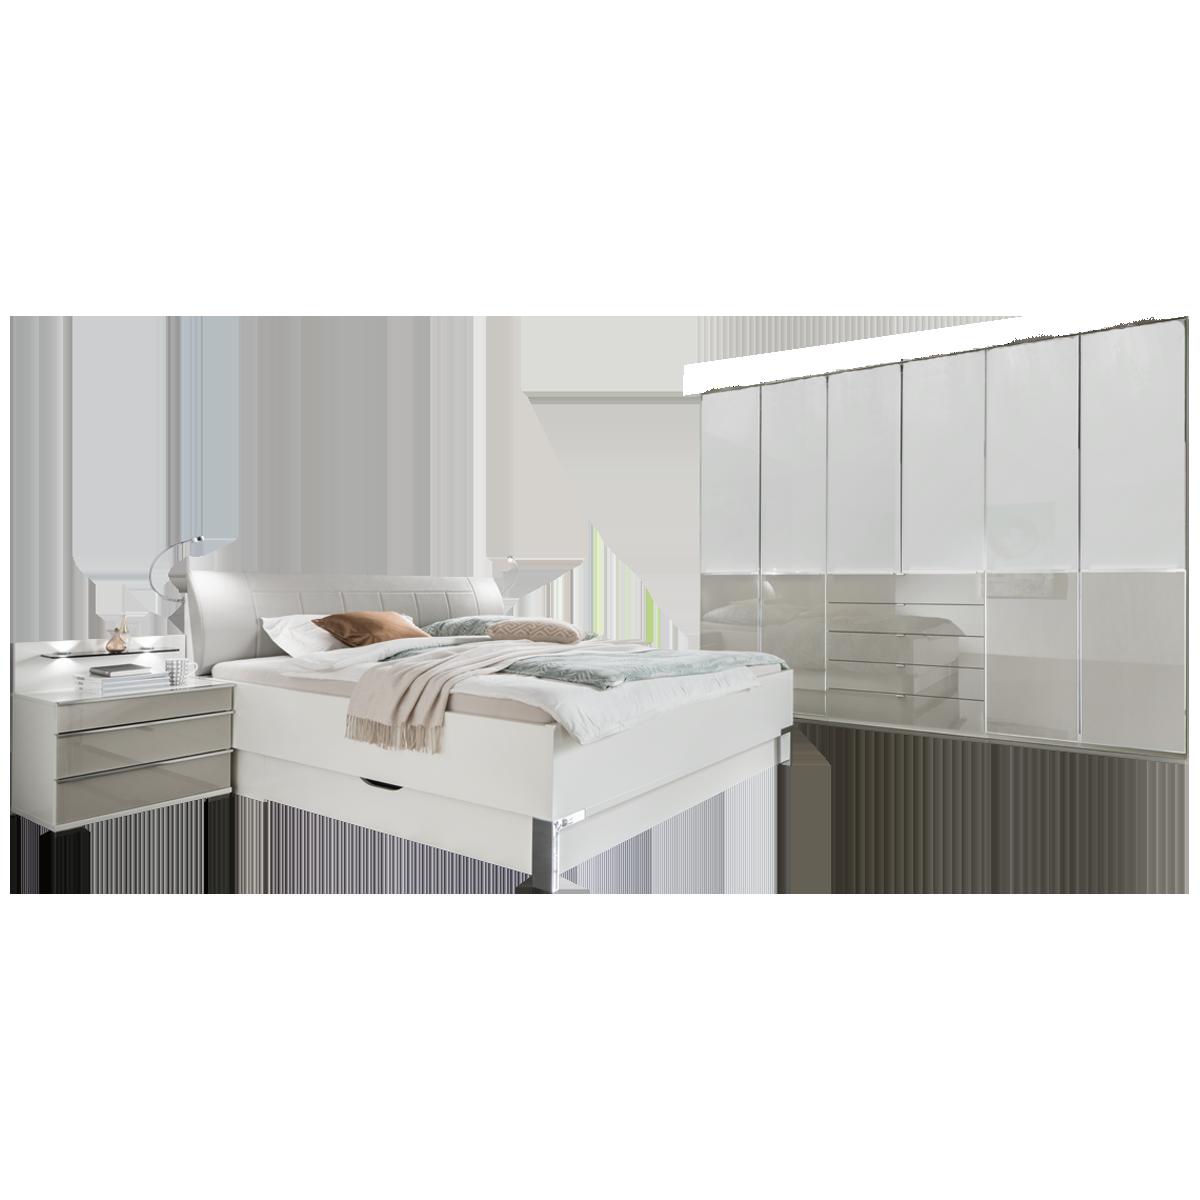 Wiemann Shanghai 2 V I P Schlafzimmer Mit Bett Schrank Nachtschranke